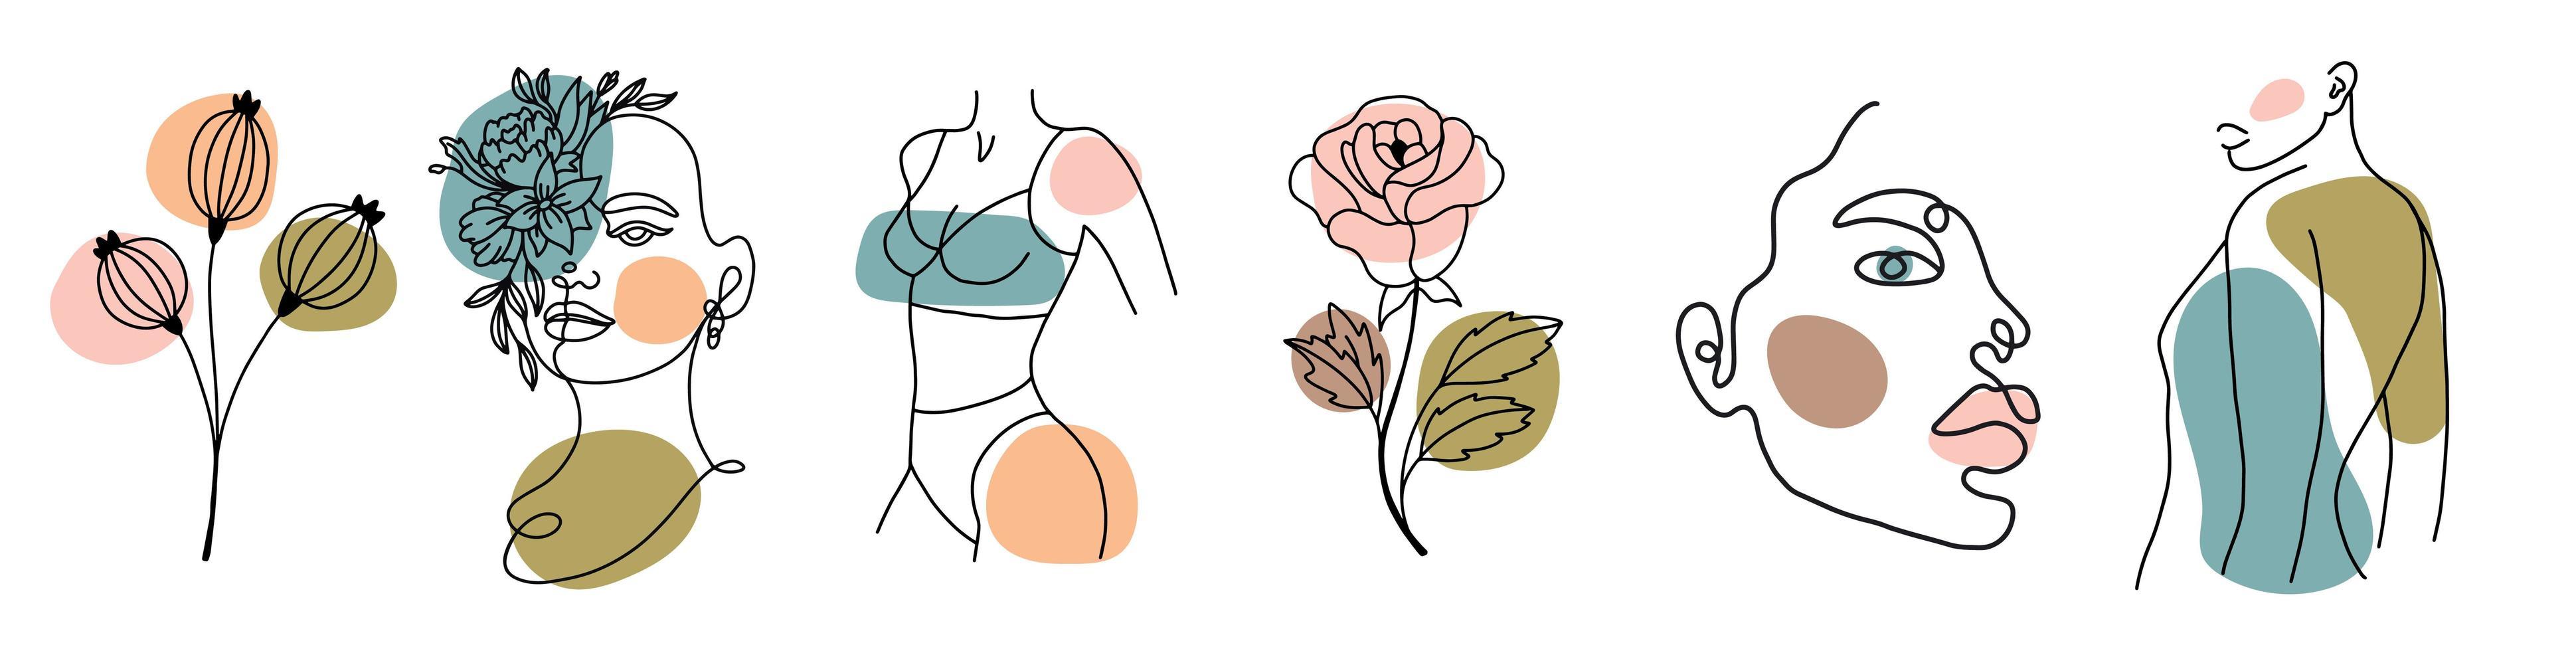 verschiedene Gesichter, Blätter und Körper, abstrakte Formen vektor